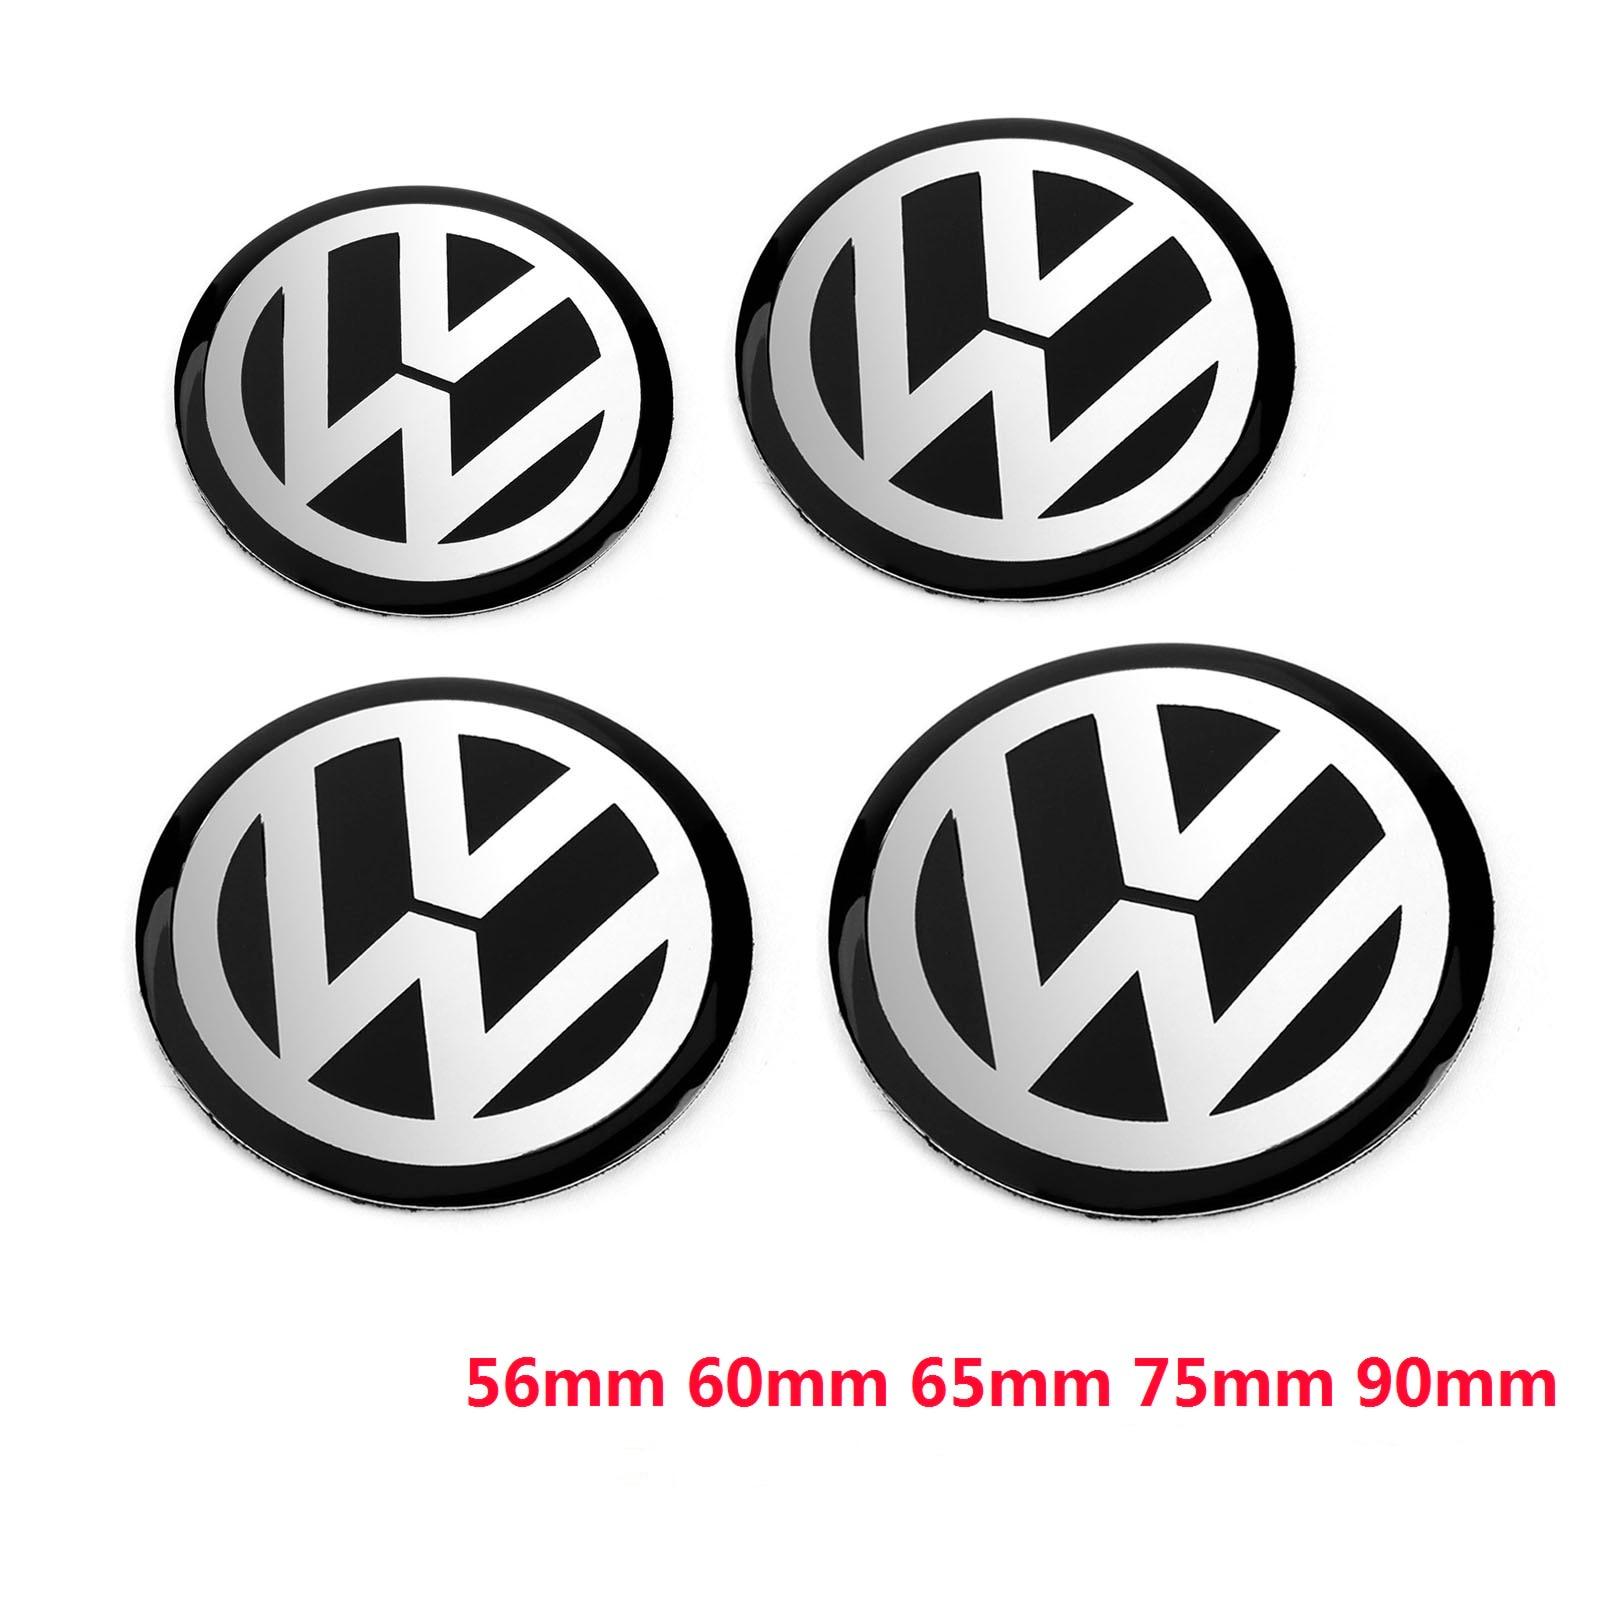 4pcs 56mm 60mm 65mm 75mm 90mm Preto Carro Do Centro de Roda Cap Hub Do Emblema Do Logotipo roda Etiqueta do emblema do Decalque Estilo Para VW